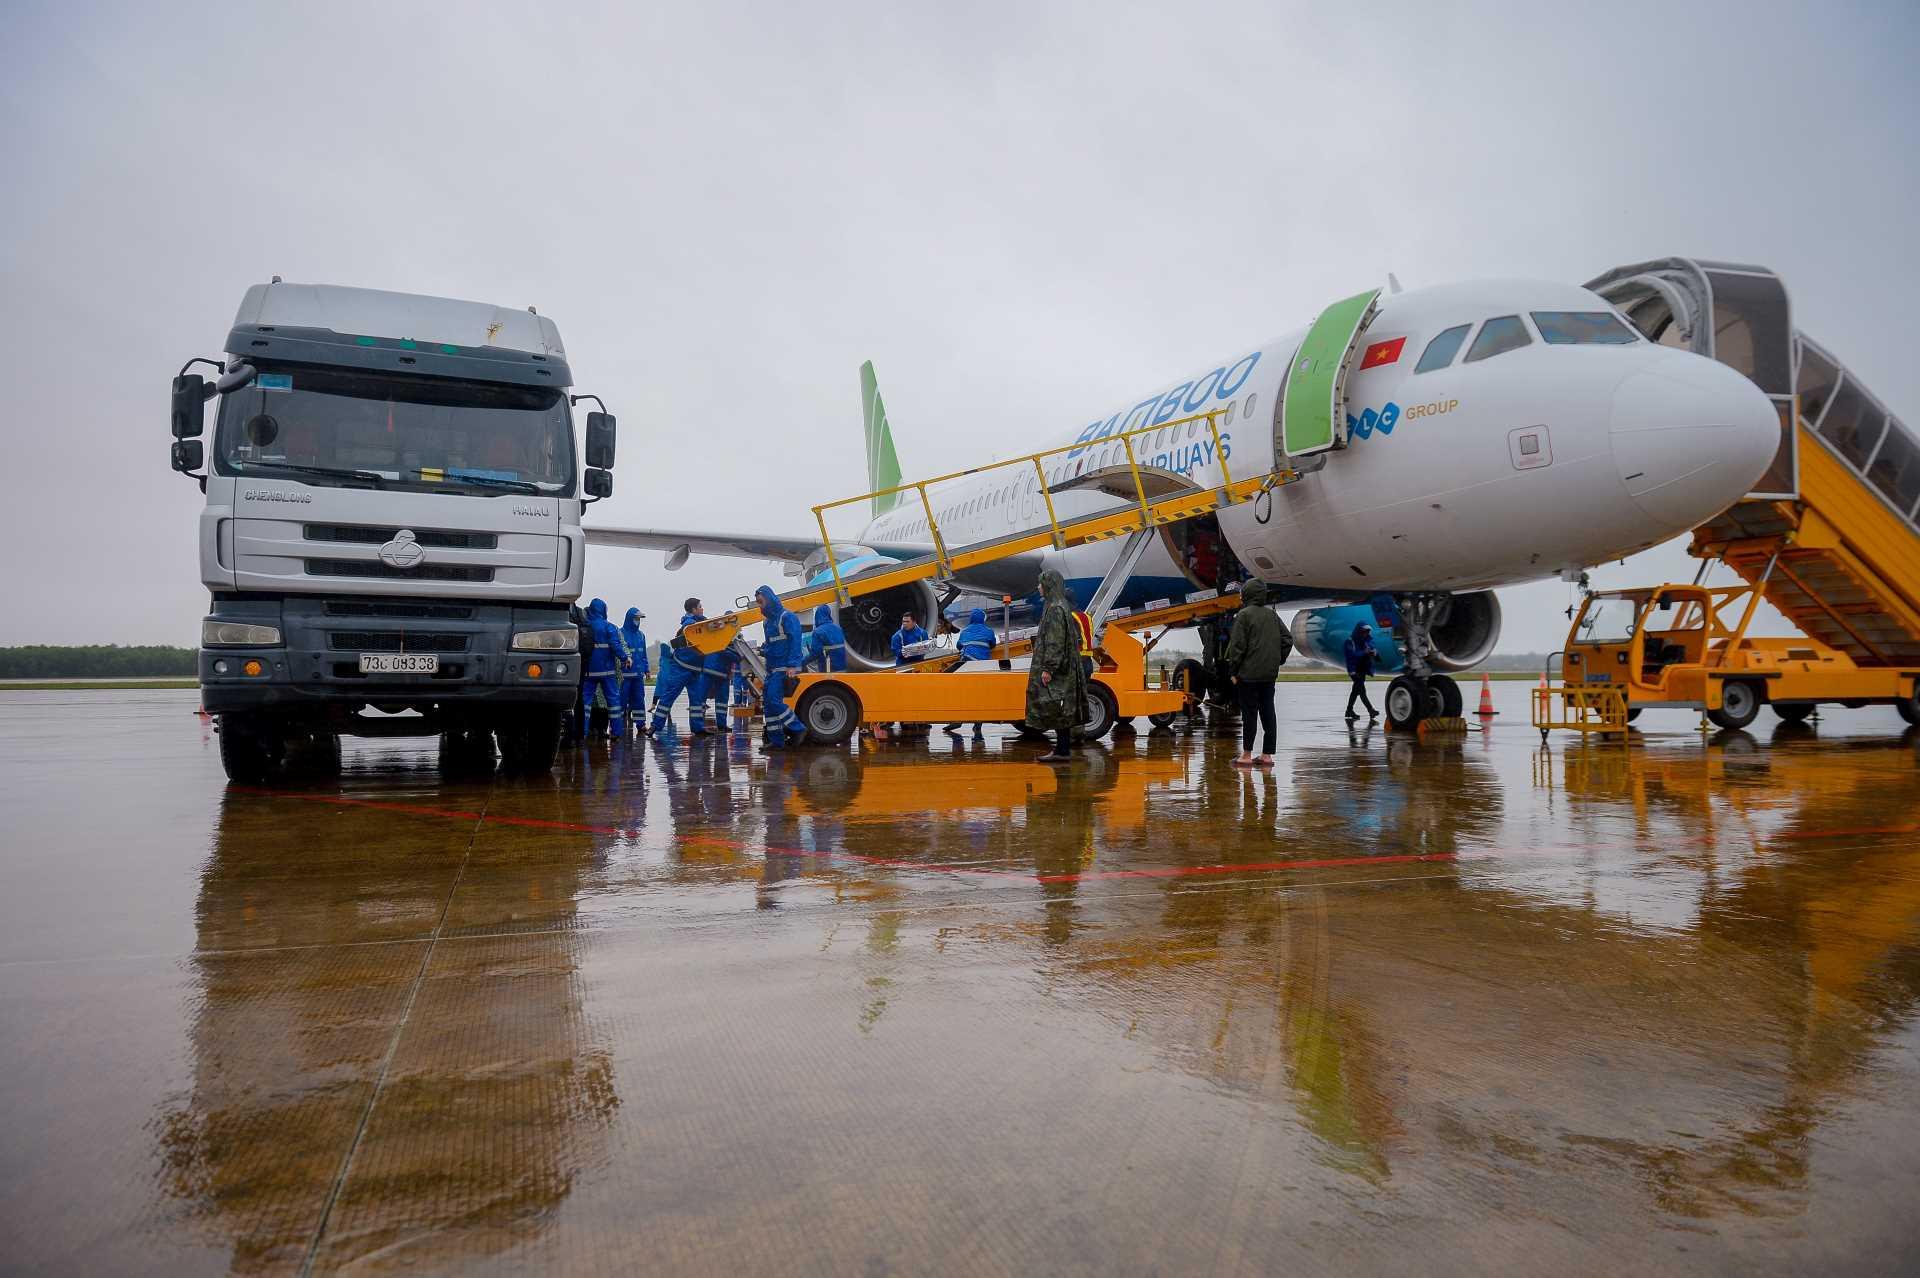 Chuyến bay đặc biệt của Bamboo Airways chở hàng cứu trợ hạ cánh miền Trung